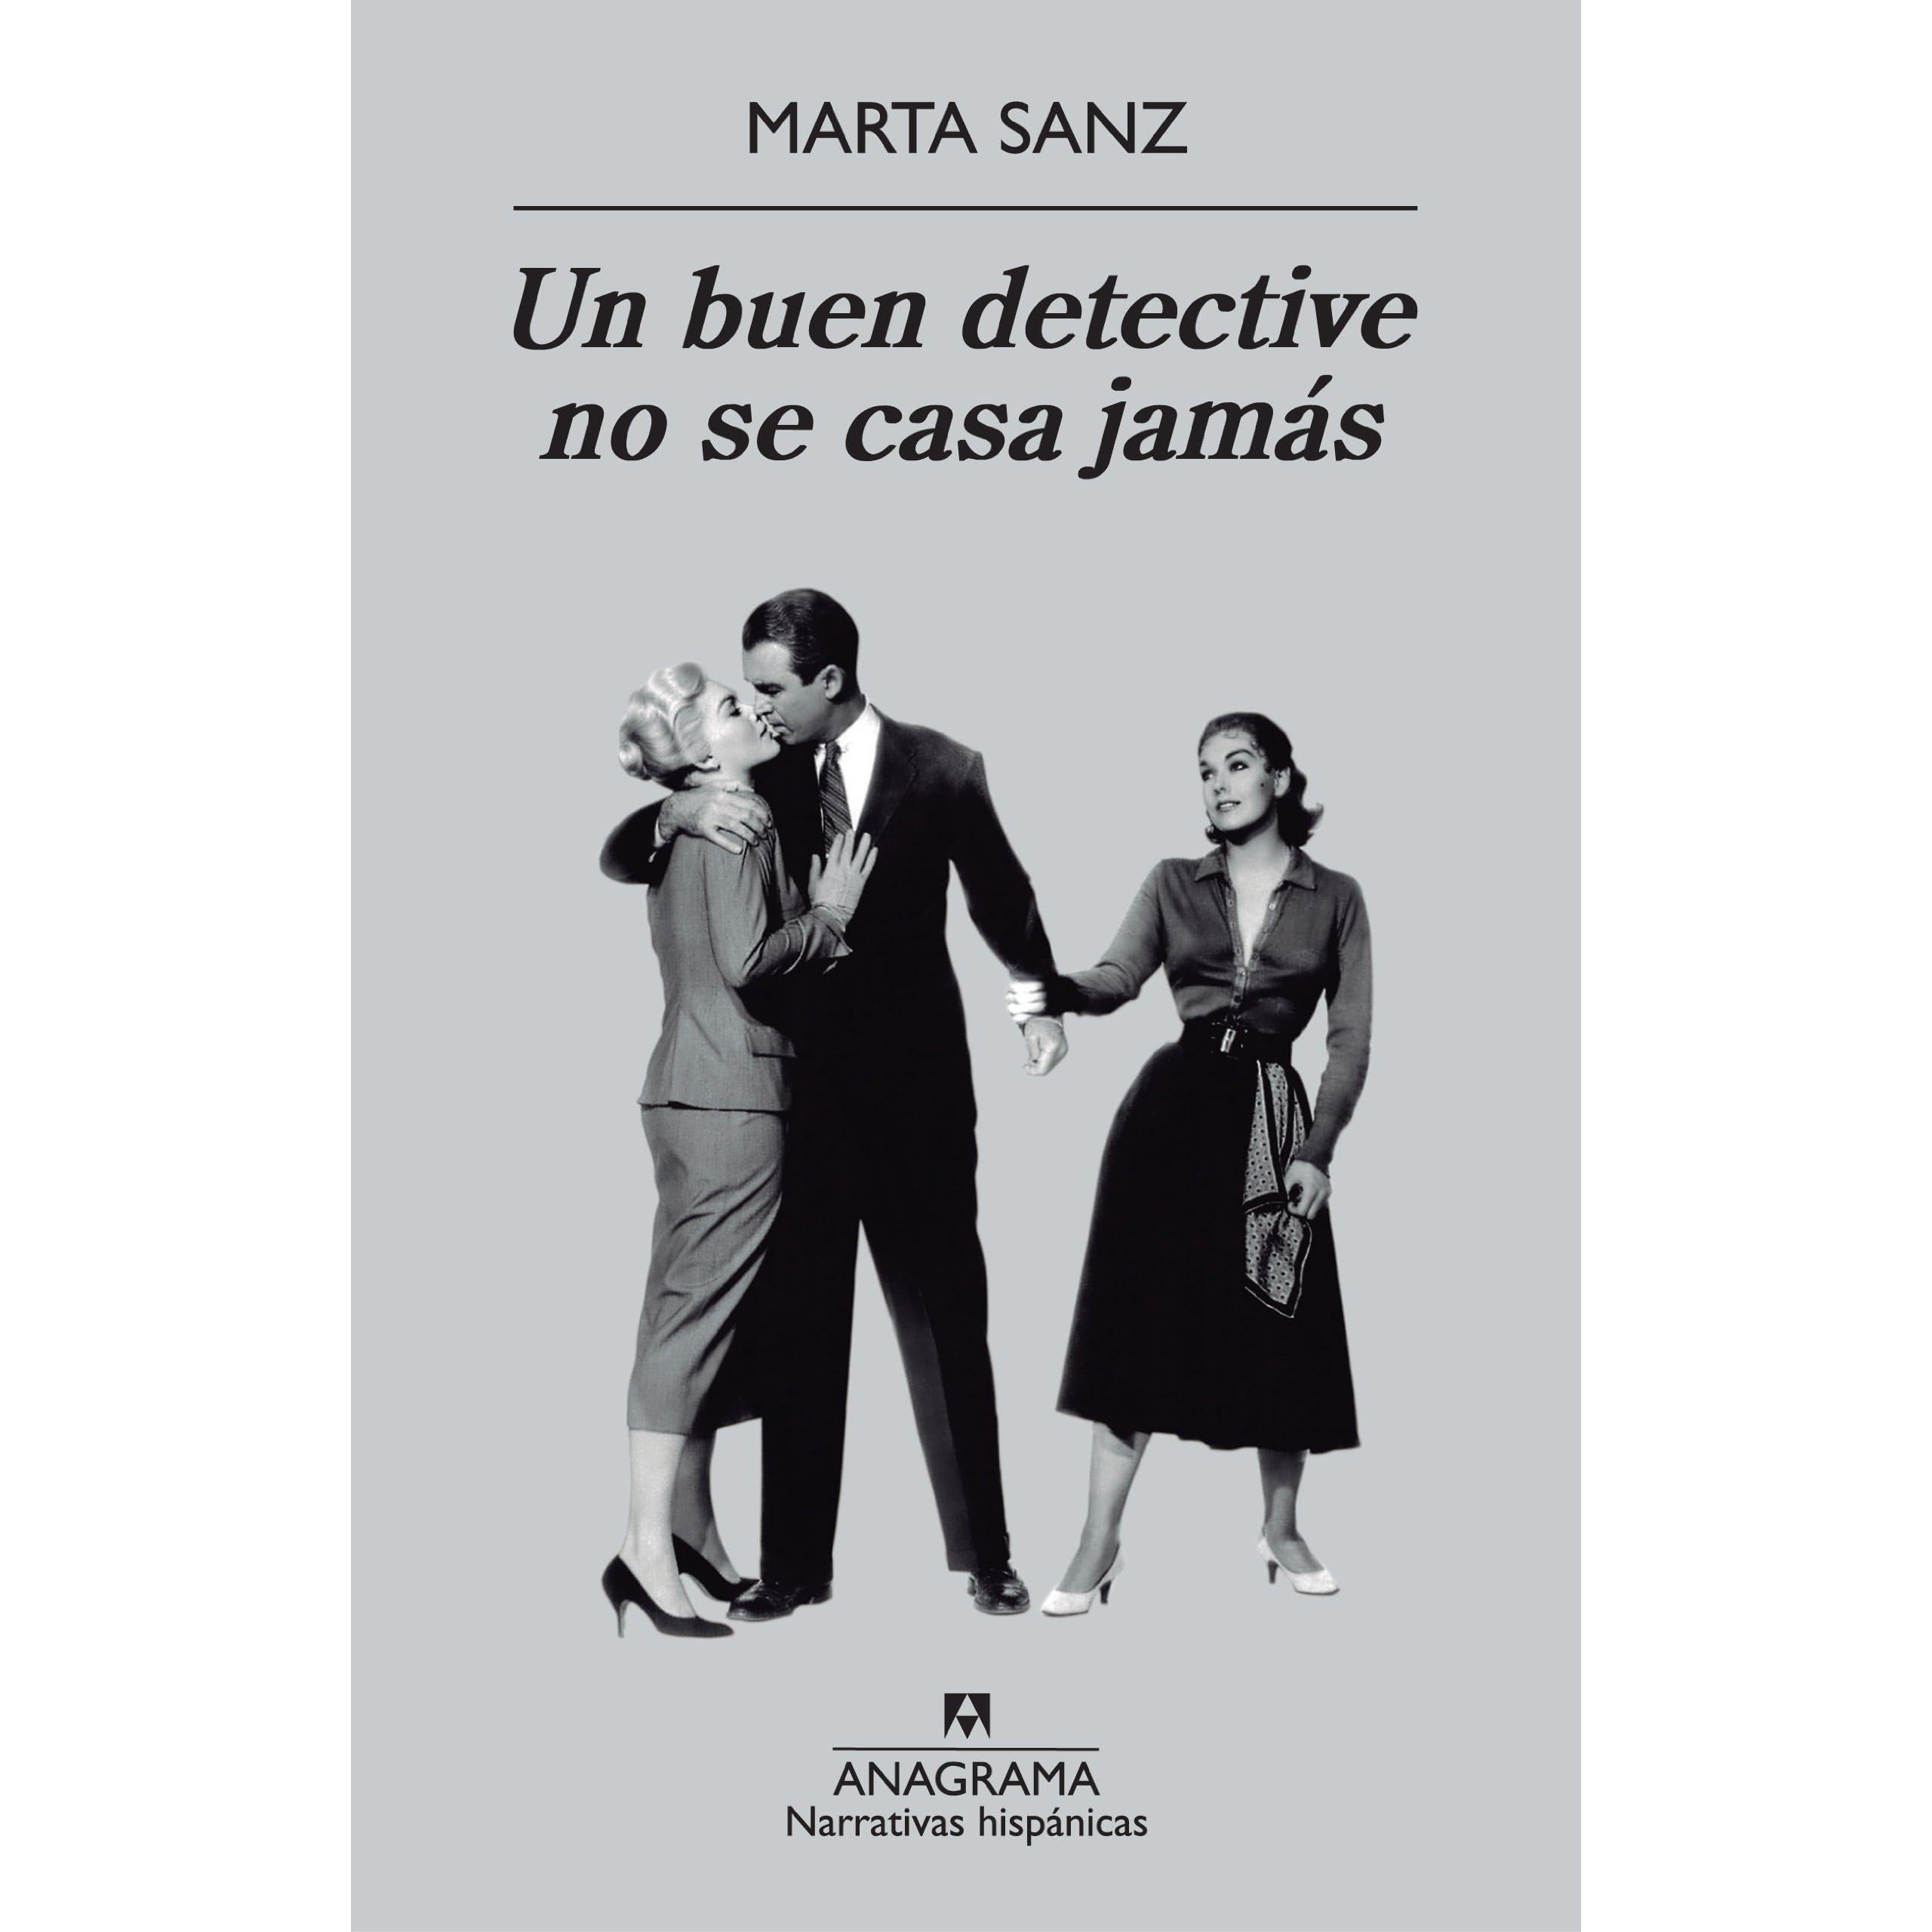 Un buen detective no se casa jamás - Zarco 02 - Marta Sanz 15976606._UY2560_SS2560_